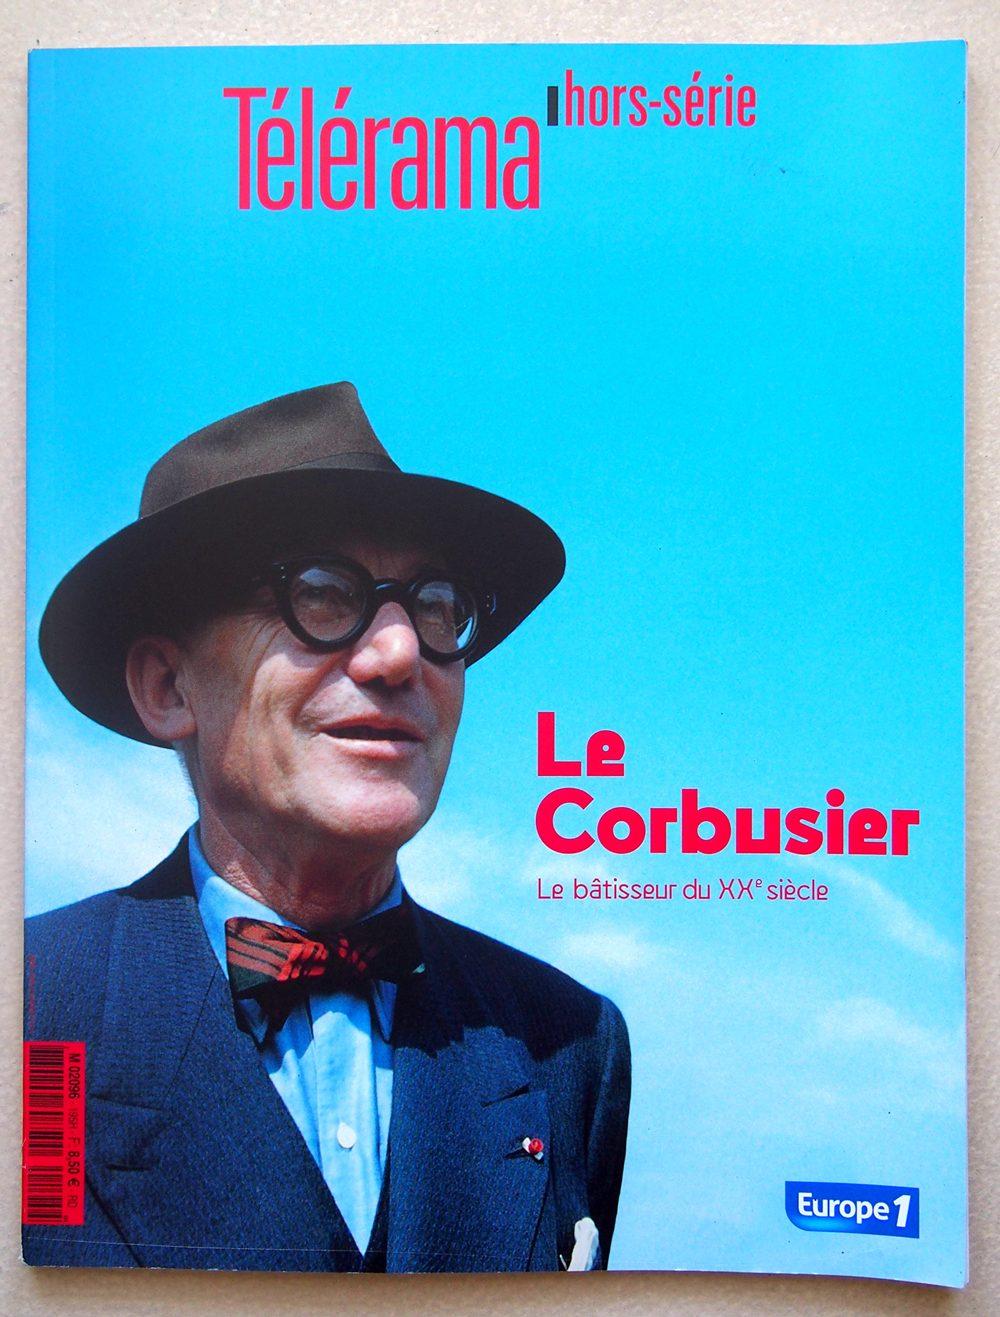 La biografía dibujada del genial arquitecto Le Corbusier por Vincent Mahé